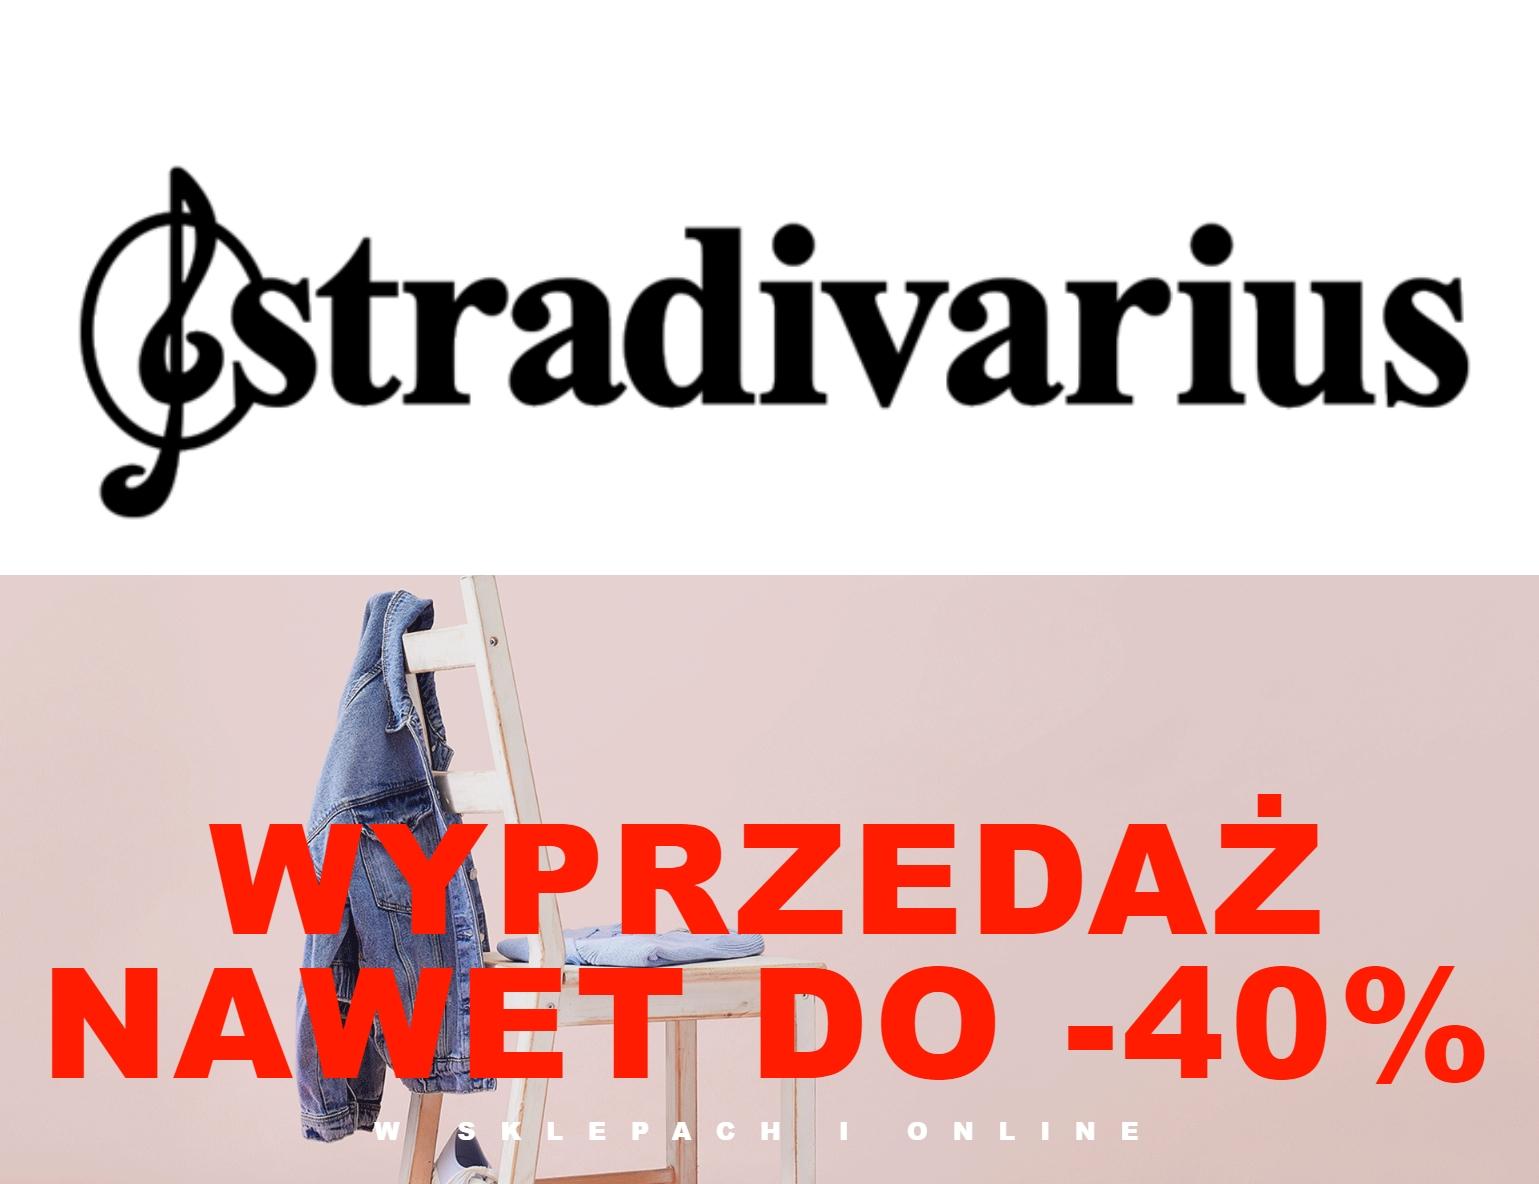 Sezonowa wyprzedaż odzieży w @Stradivarius - do -40%